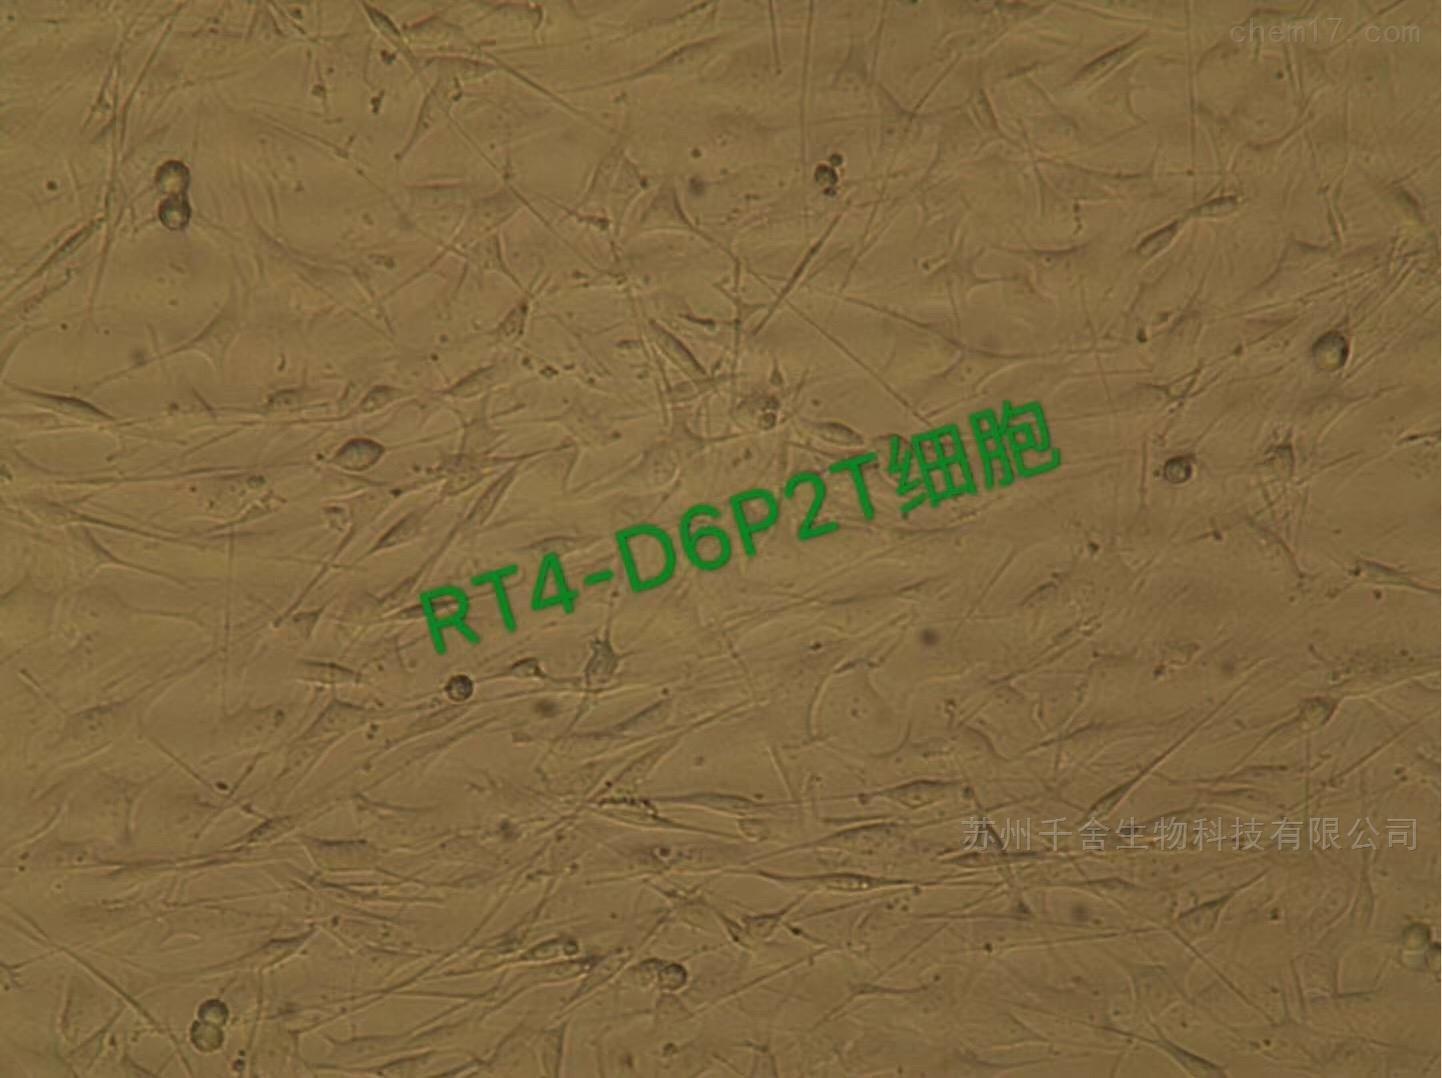 大鼠神经鞘瘤细胞RT4-D6P2T